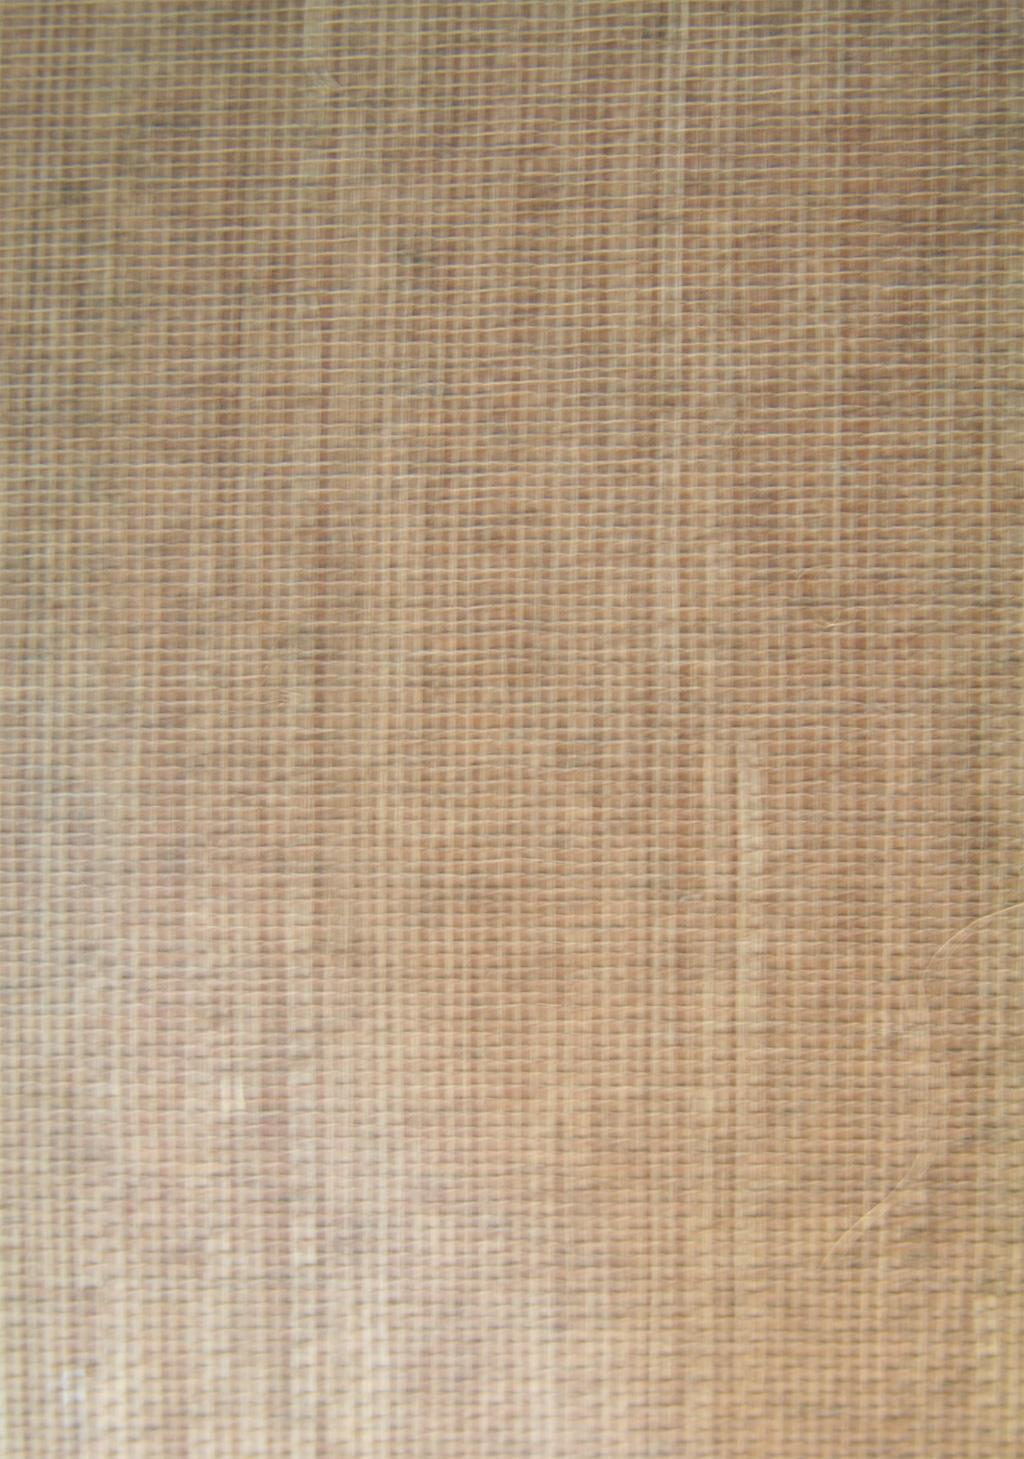 豪美迪壁纸新时尚系列-456-7456-7